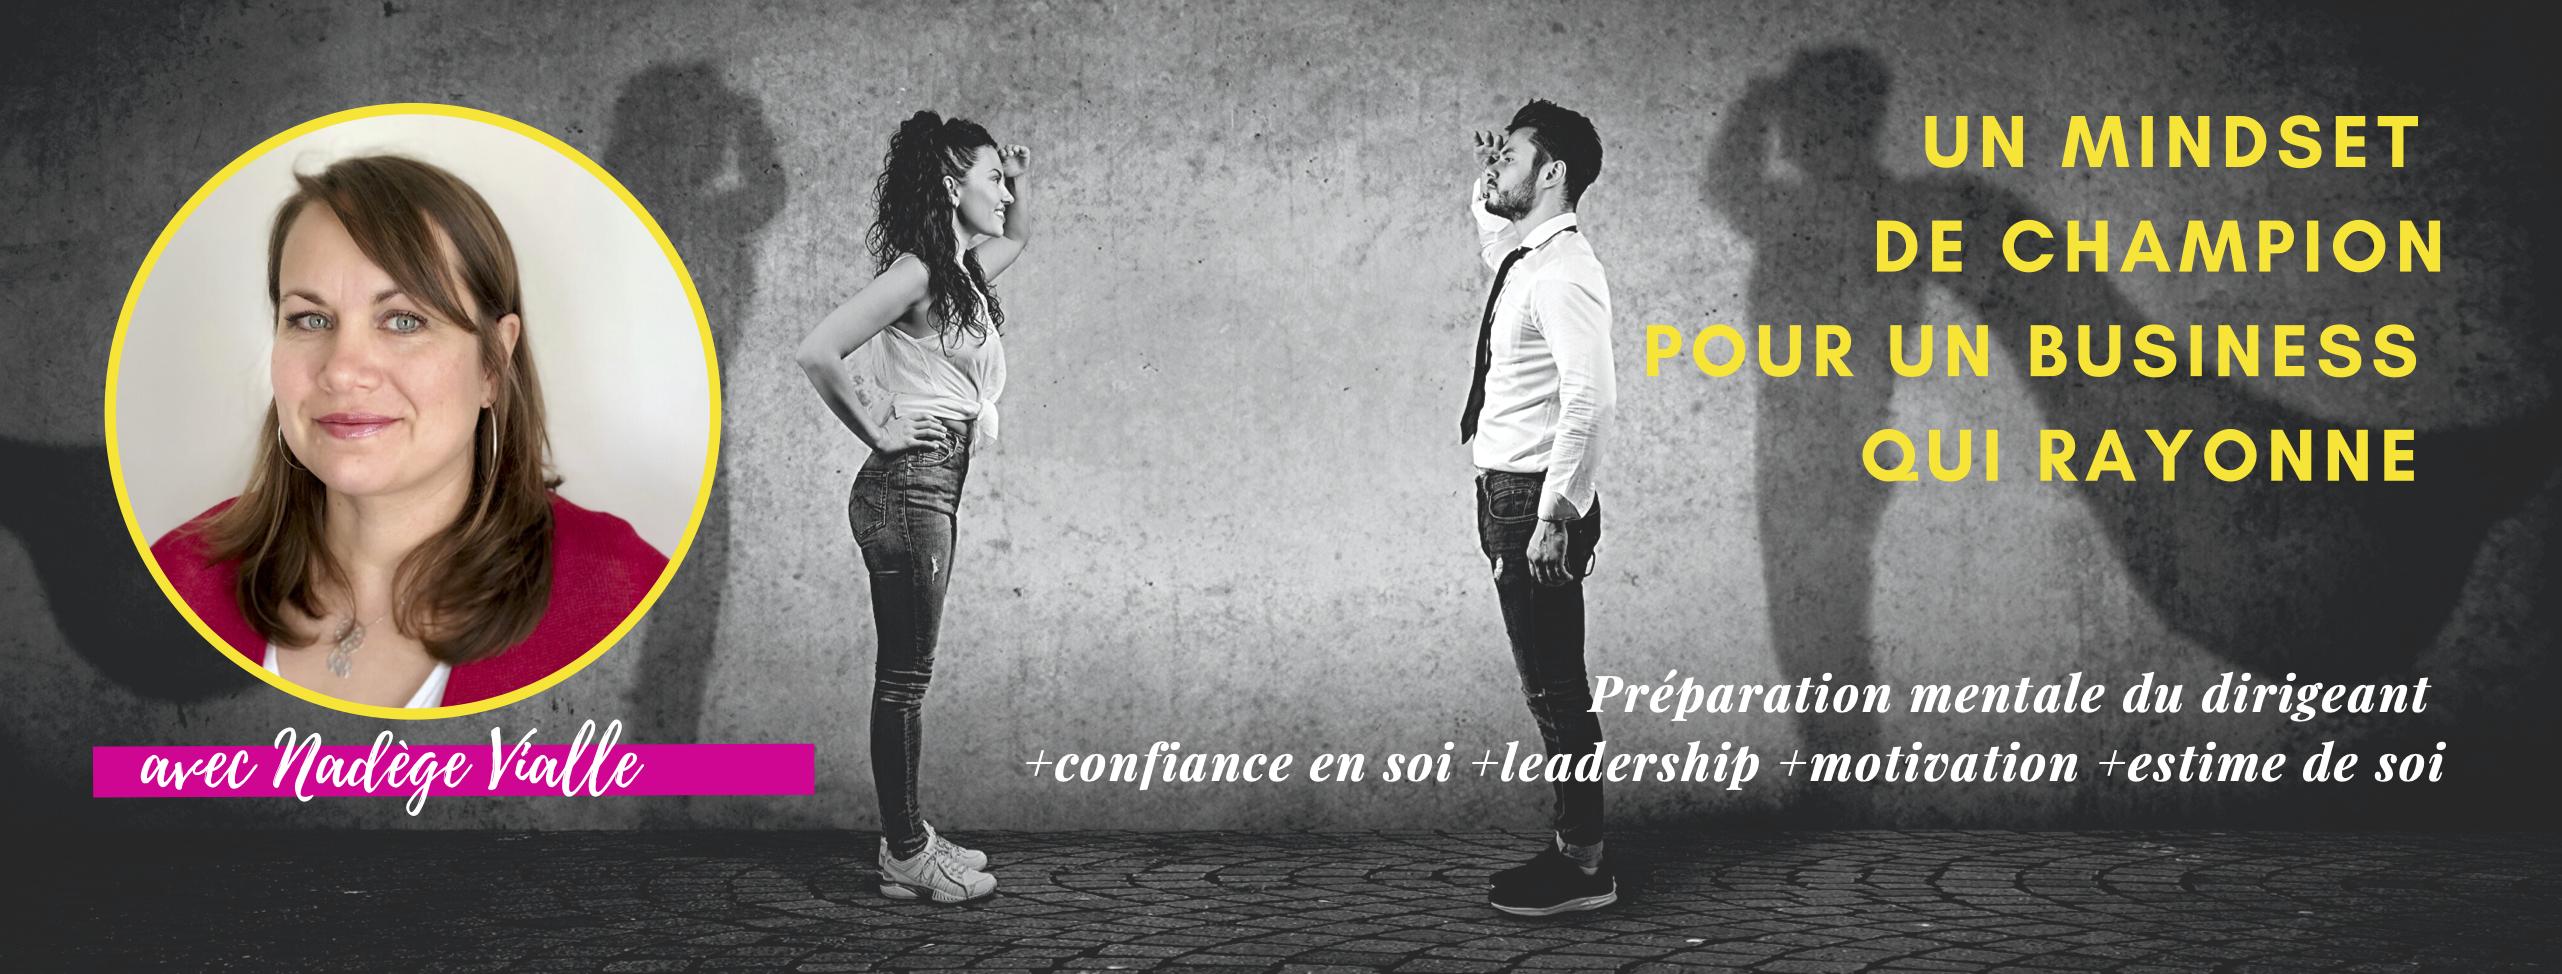 Préparation mentale du dirigeant, confiance en soi, leadership, motivation et estime de soi